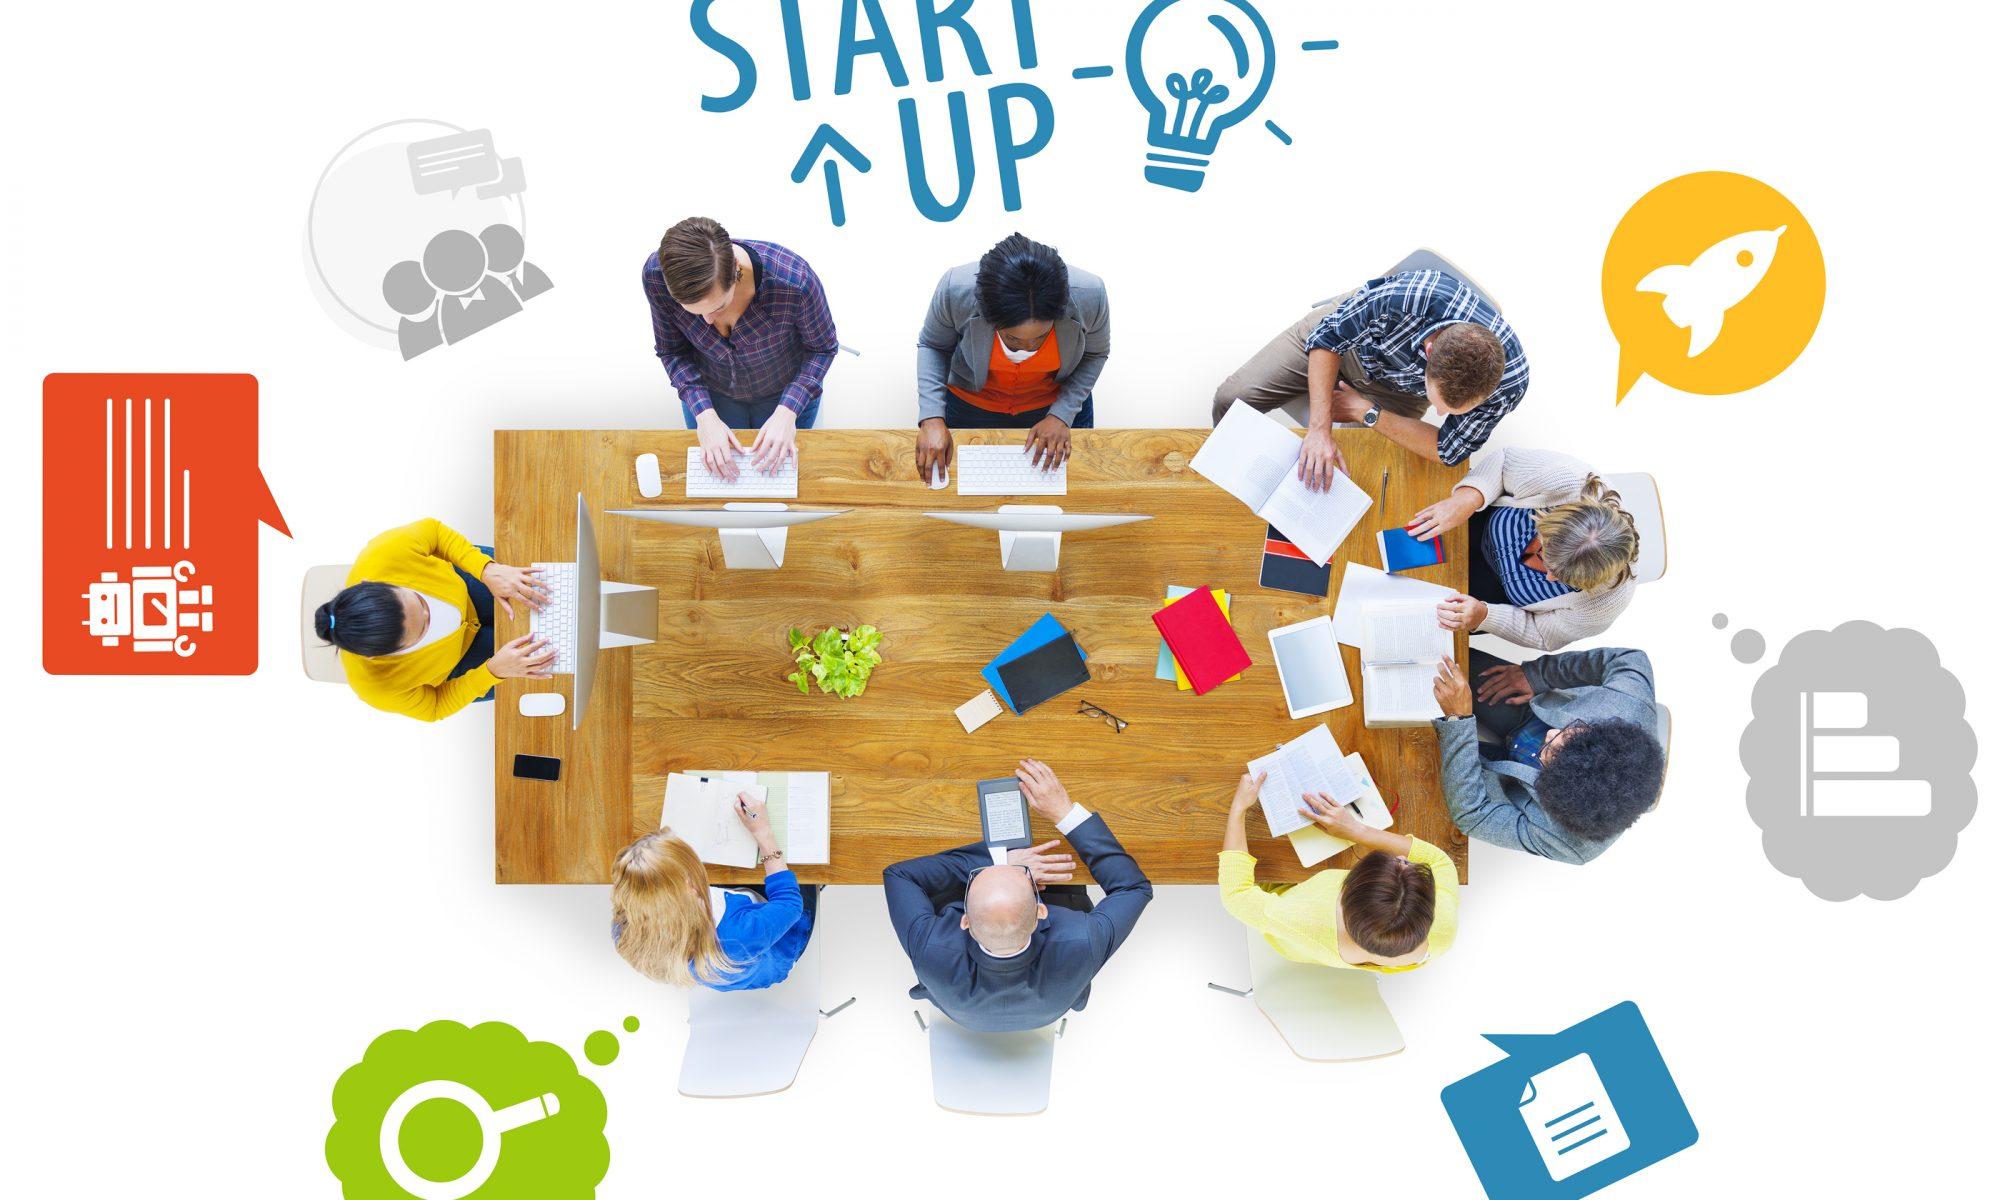 Mencari Ide Untuk Sebuah Startup